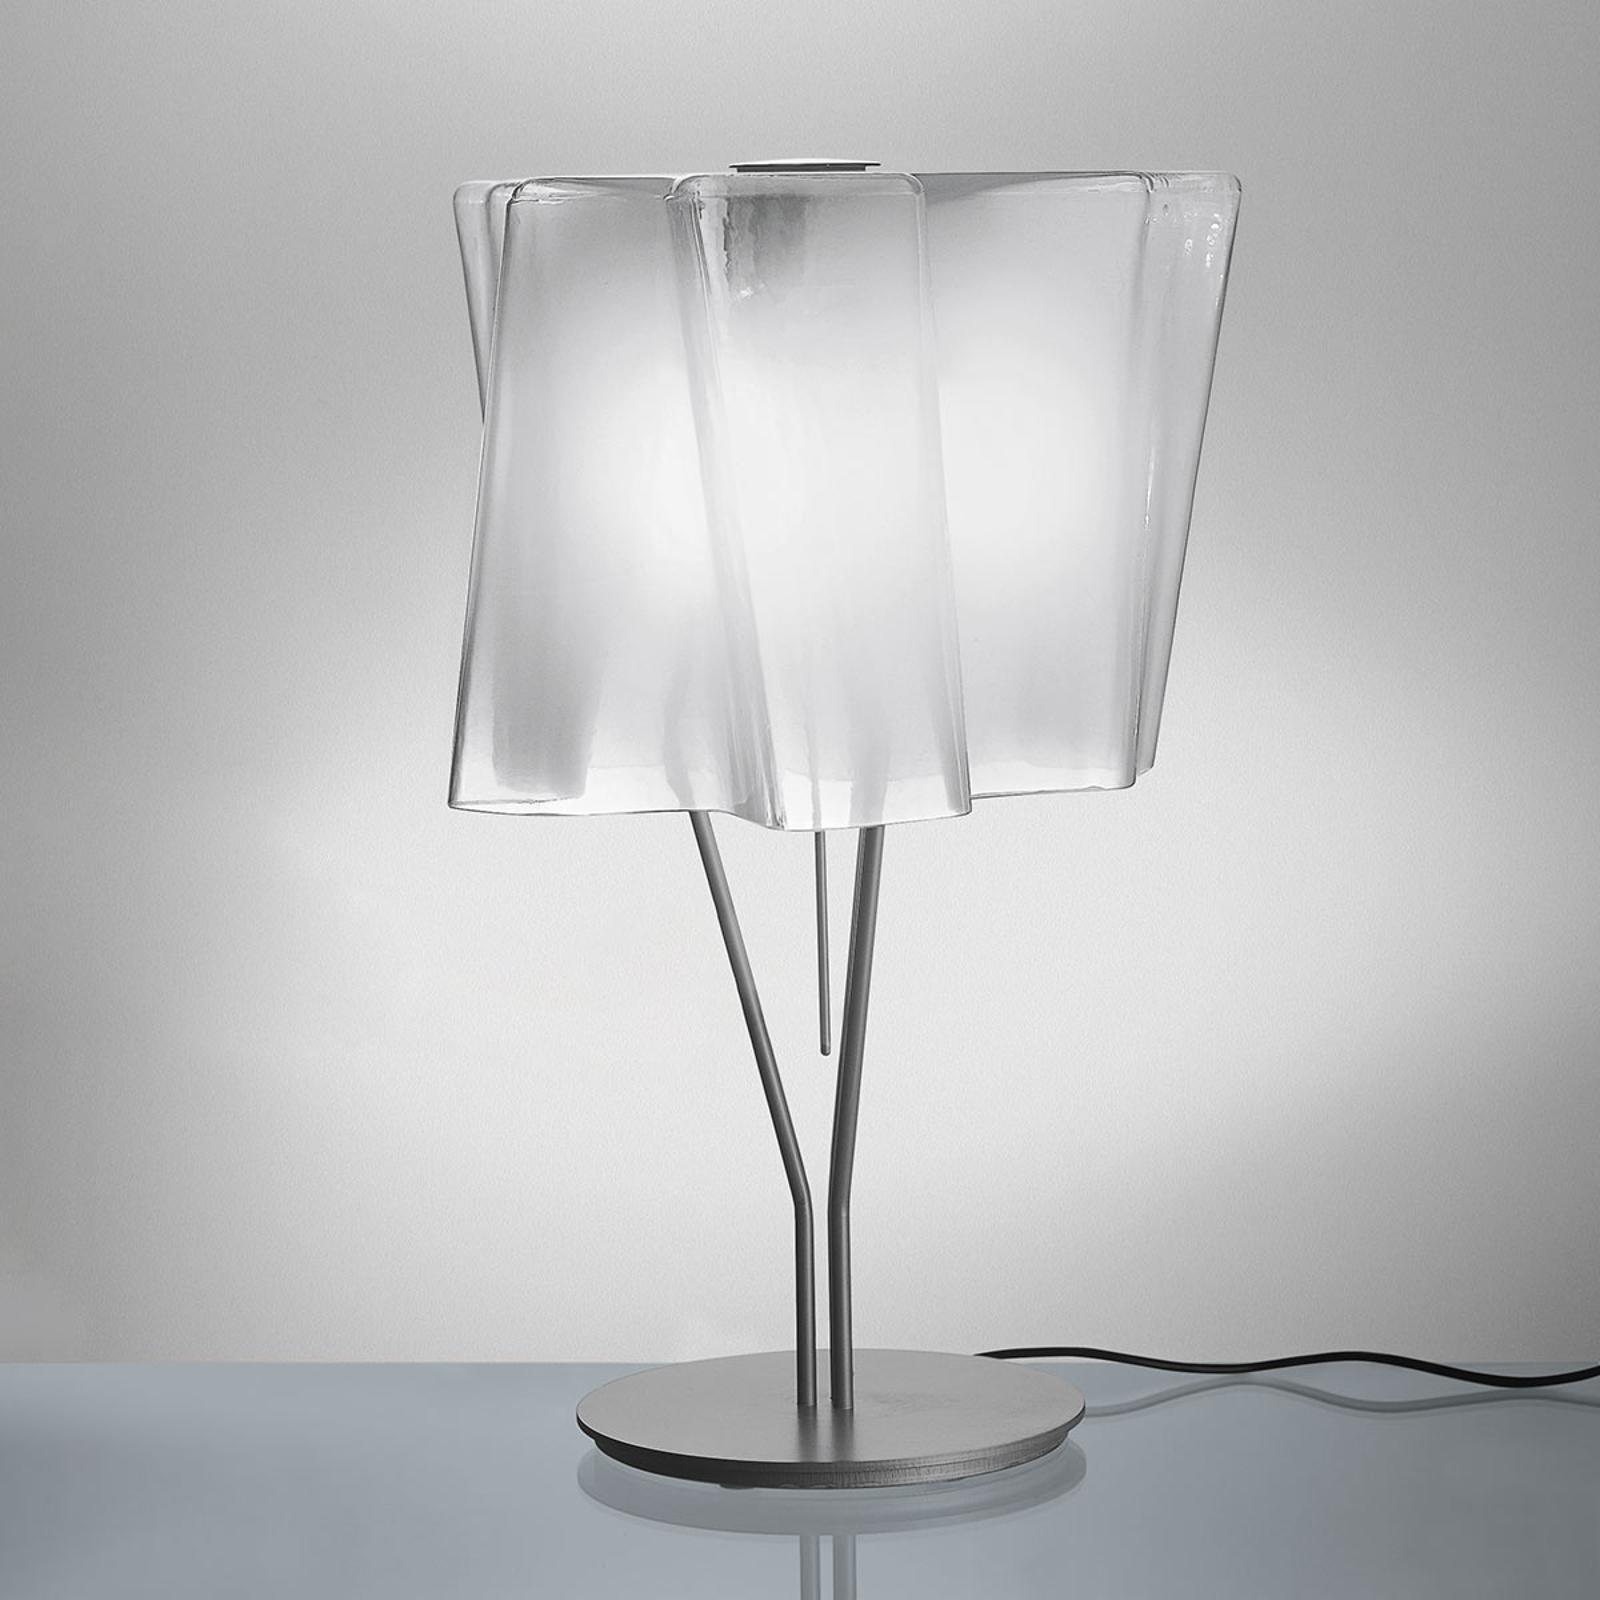 Artemide Logico Tischlampe 44 cm seidenglanz/alu